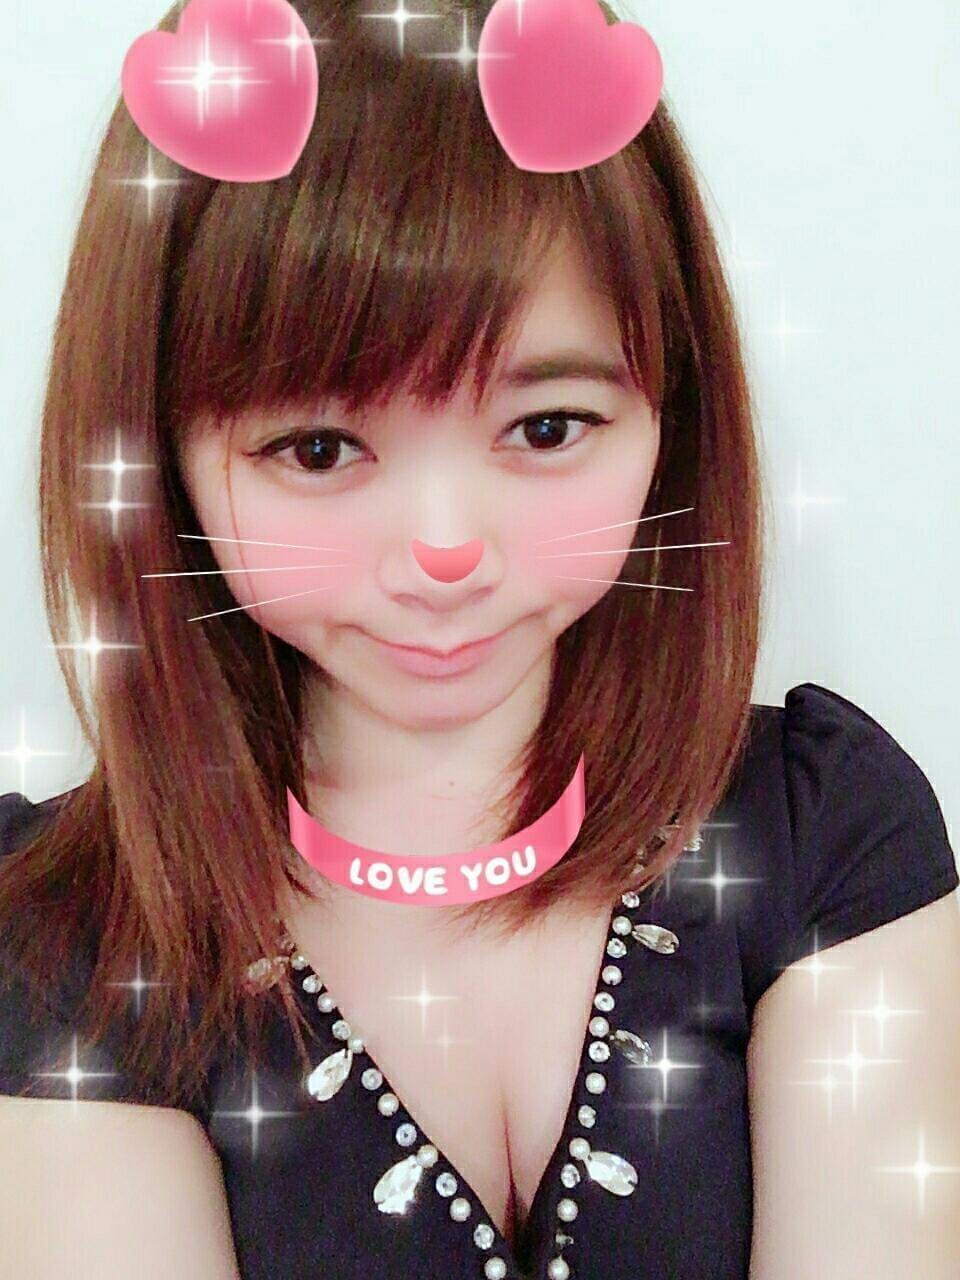 「こんにちは\(^o^)/」06/17(日) 23:01 | ひかり☆ロリカワ美少女♪の写メ・風俗動画